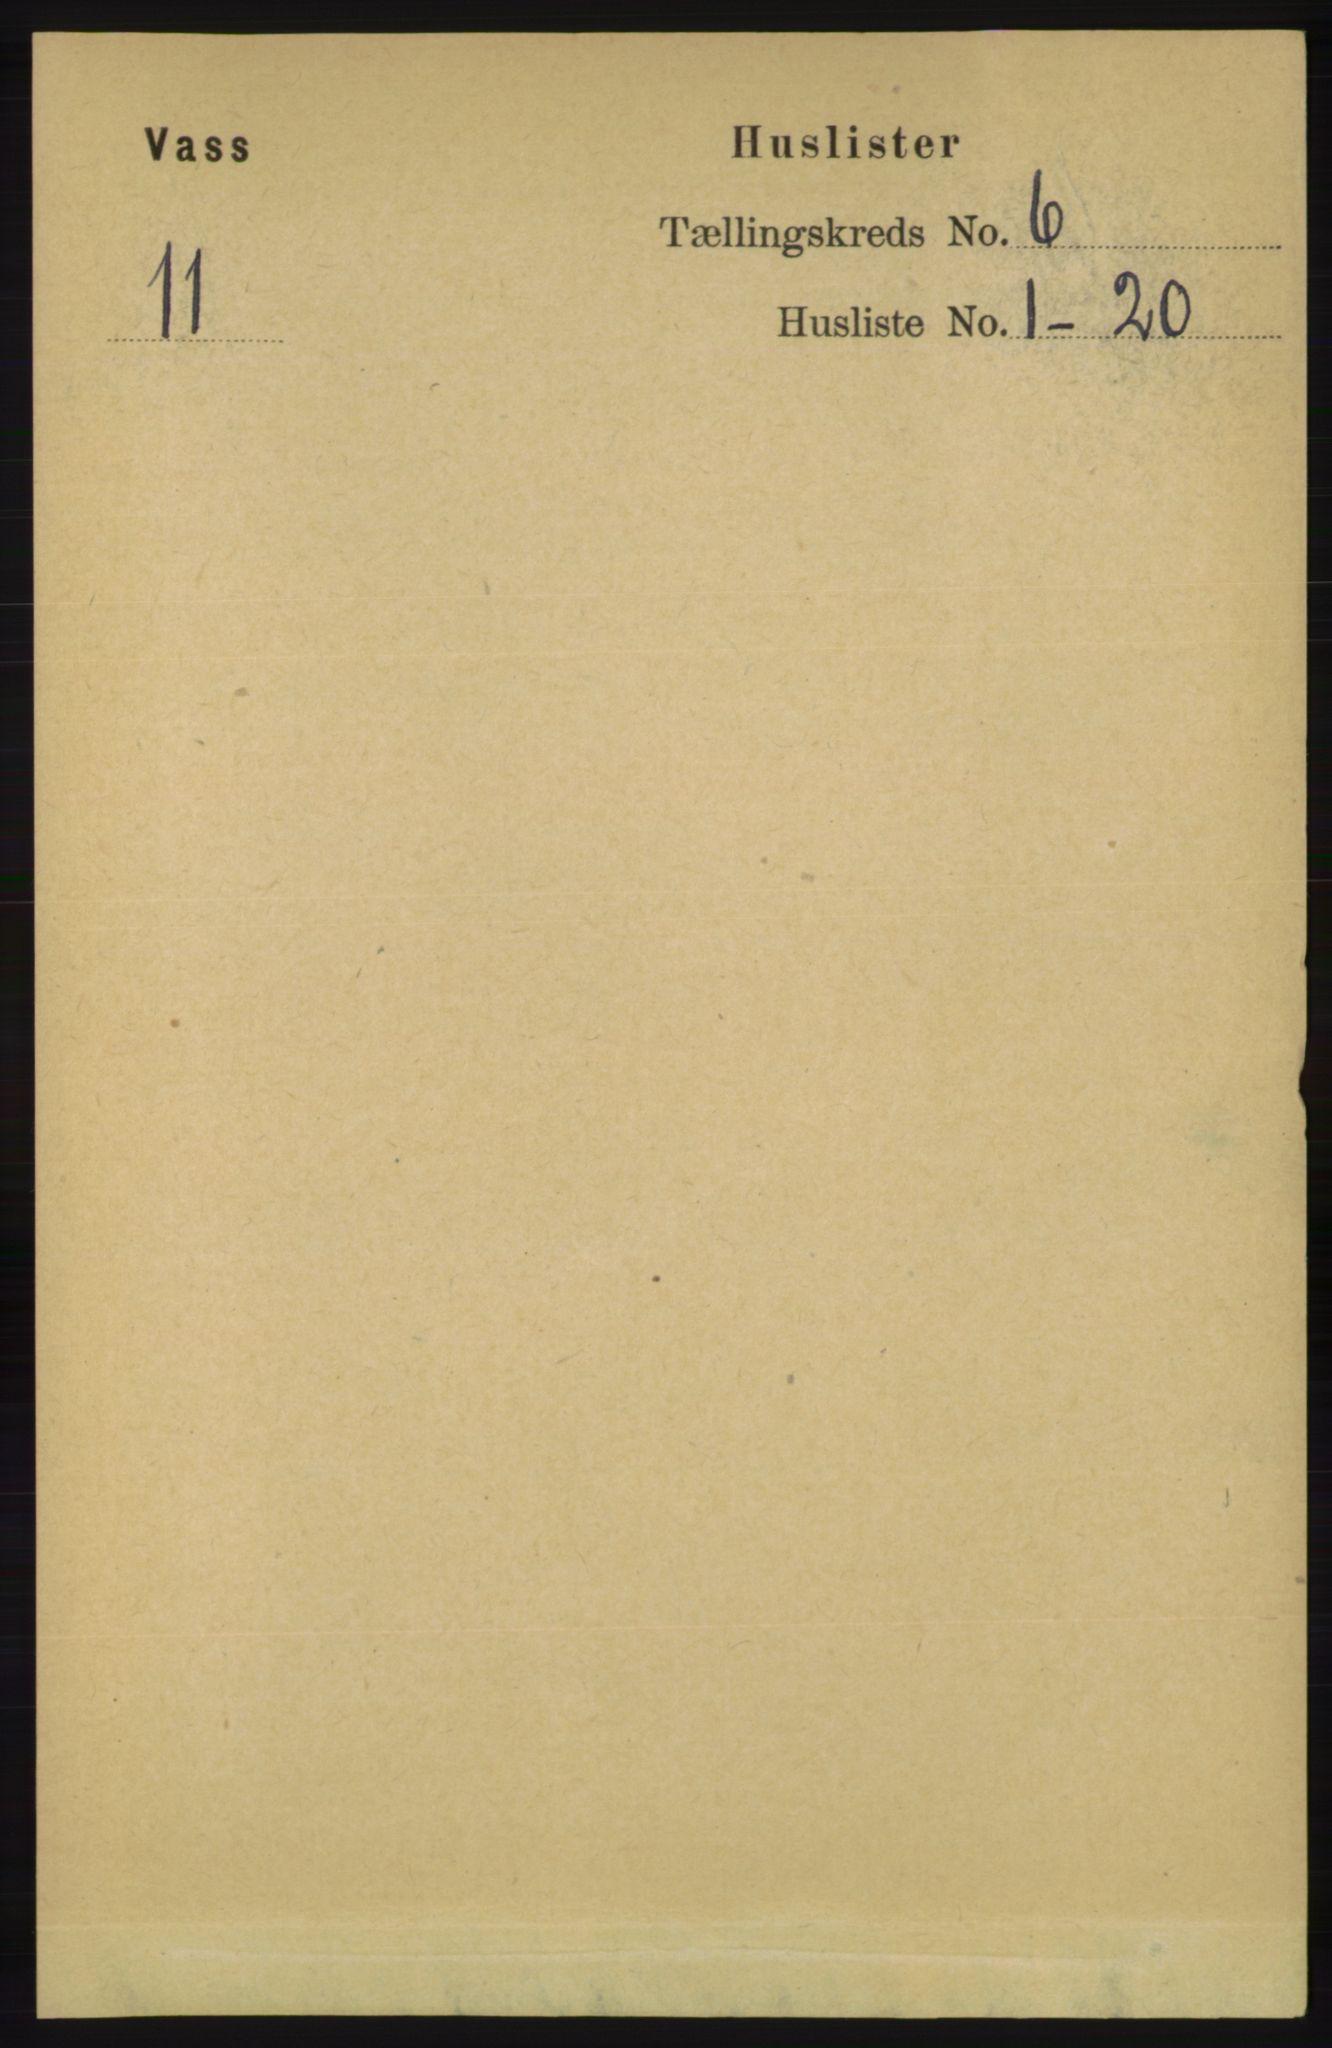 RA, Folketelling 1891 for 1155 Vats herred, 1891, s. 925